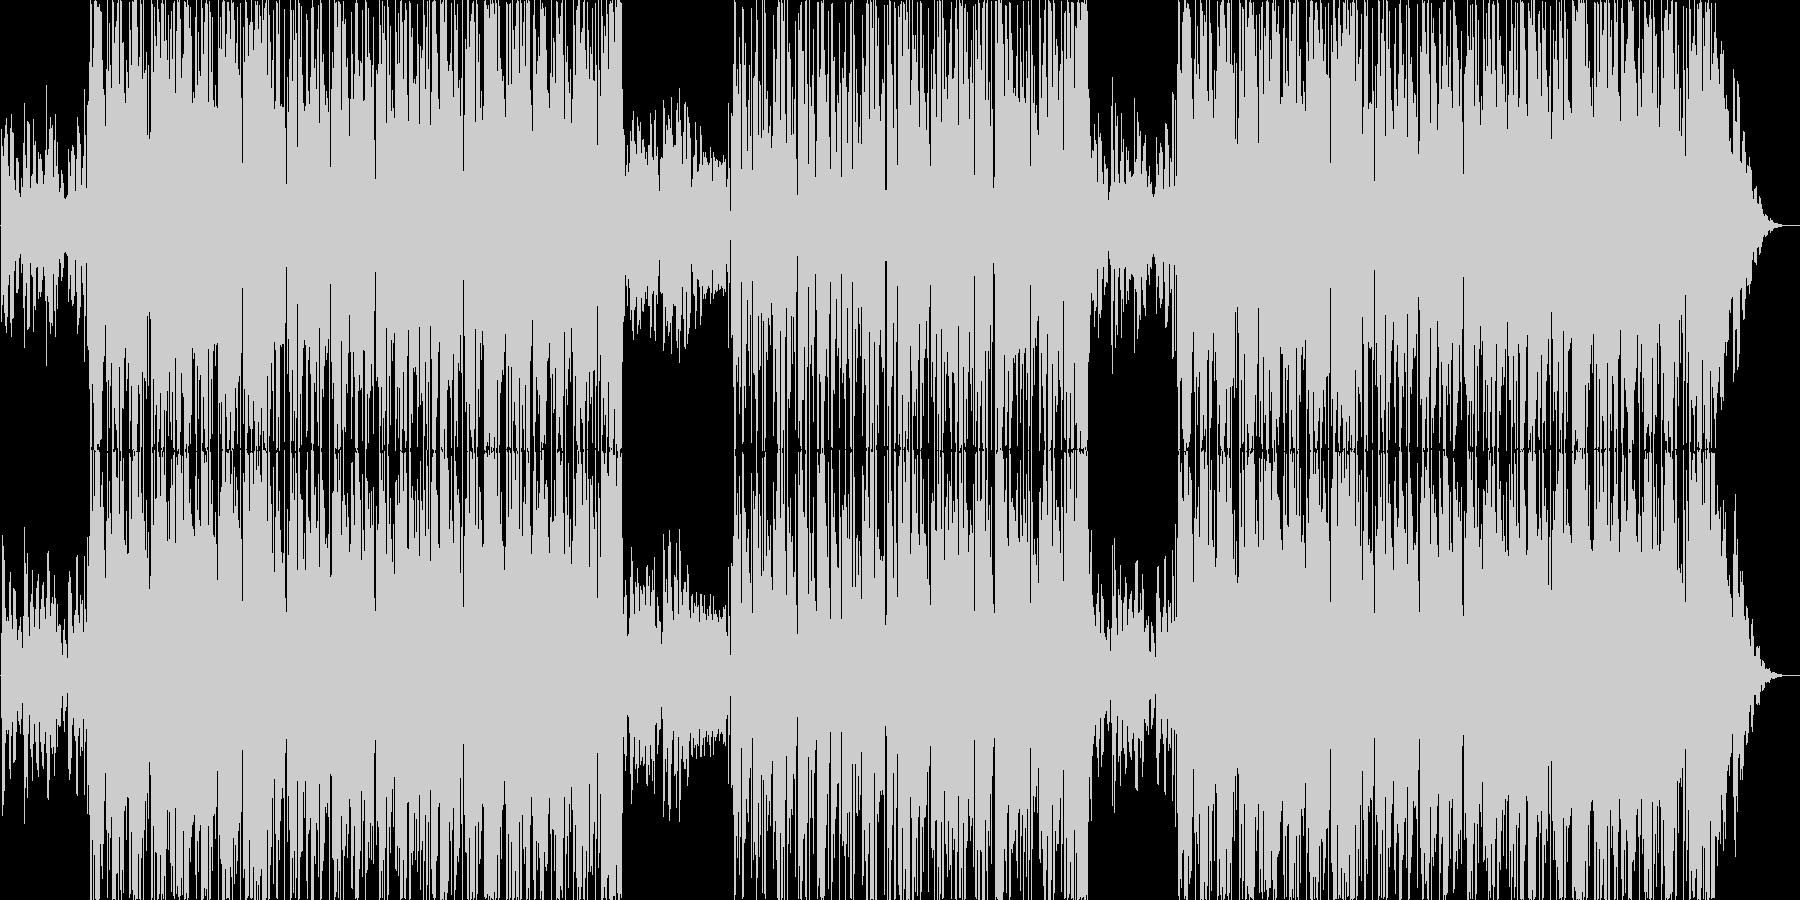 ゆったり幻想的なラウンジジャズの未再生の波形